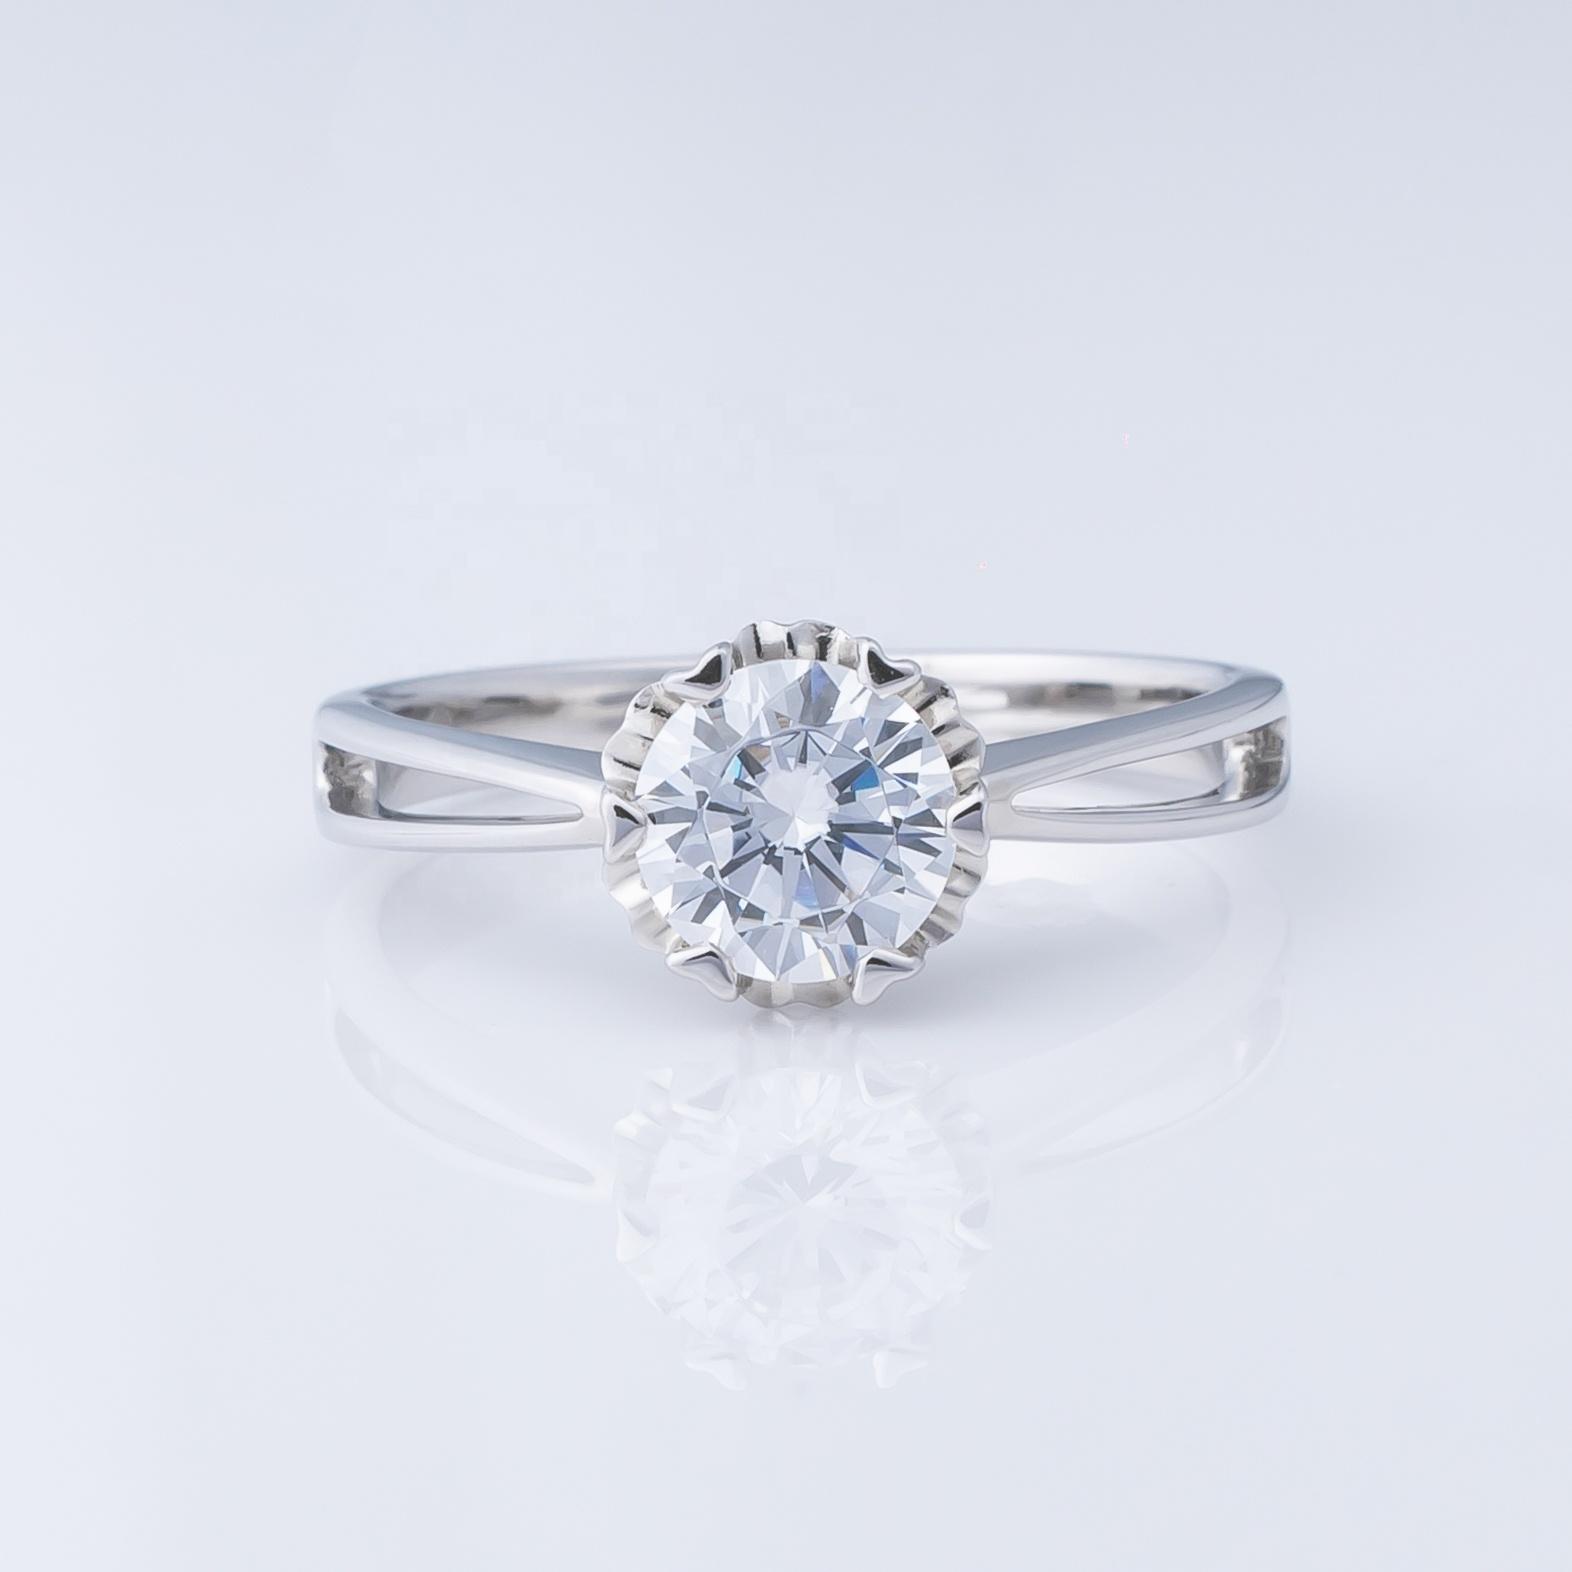 Grosir Perhiasan, Pengaturan Cincin Pertunangan Berlian Emas Disesuaikan 9K 14K 18K Perhiasan Emas Padat Cincin Kustom Gaya Elegan